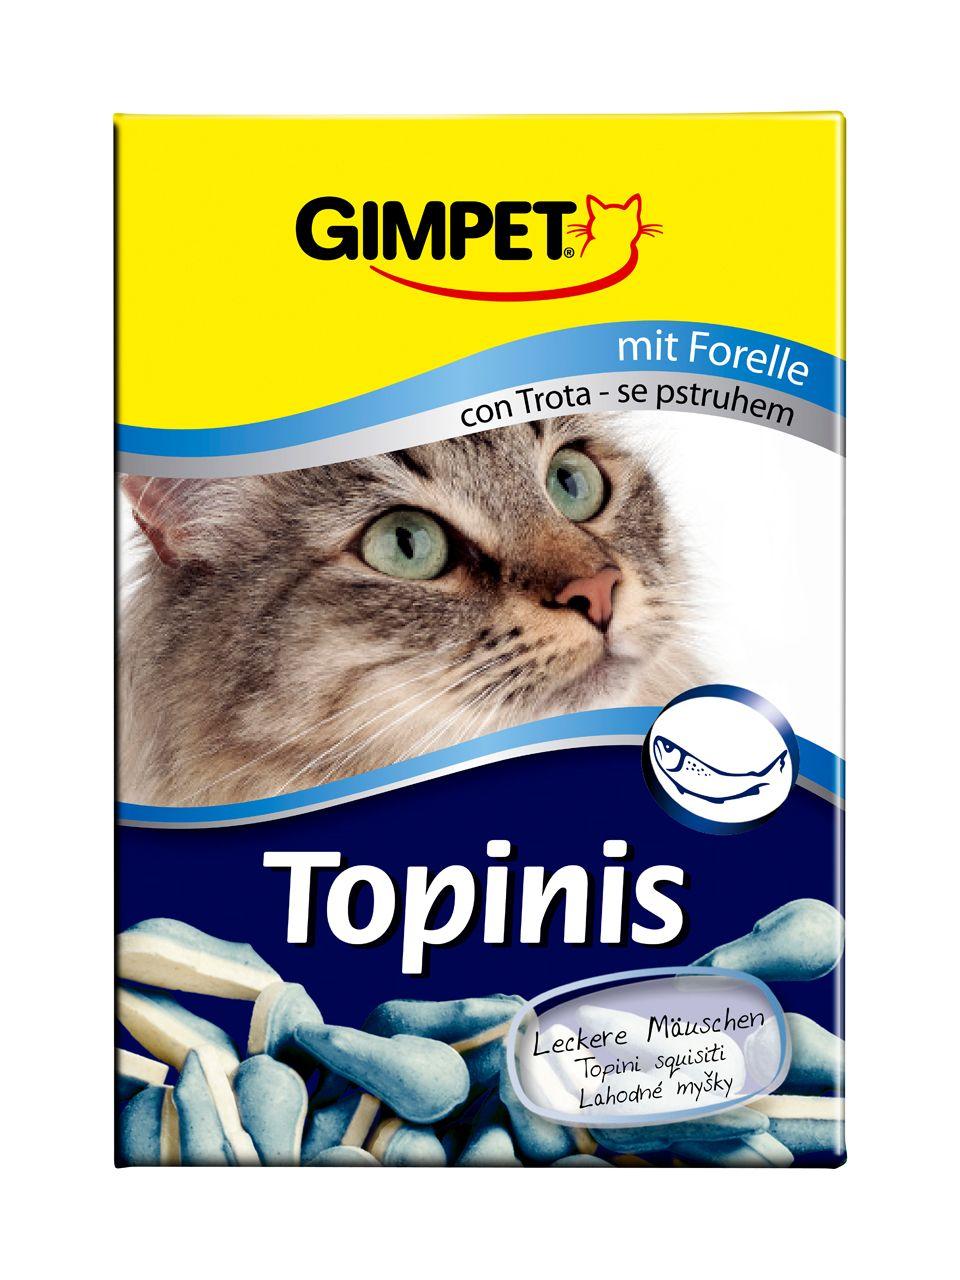 Витаминизированное лакомство Gimpet Topinis мышки с форелью и таурином